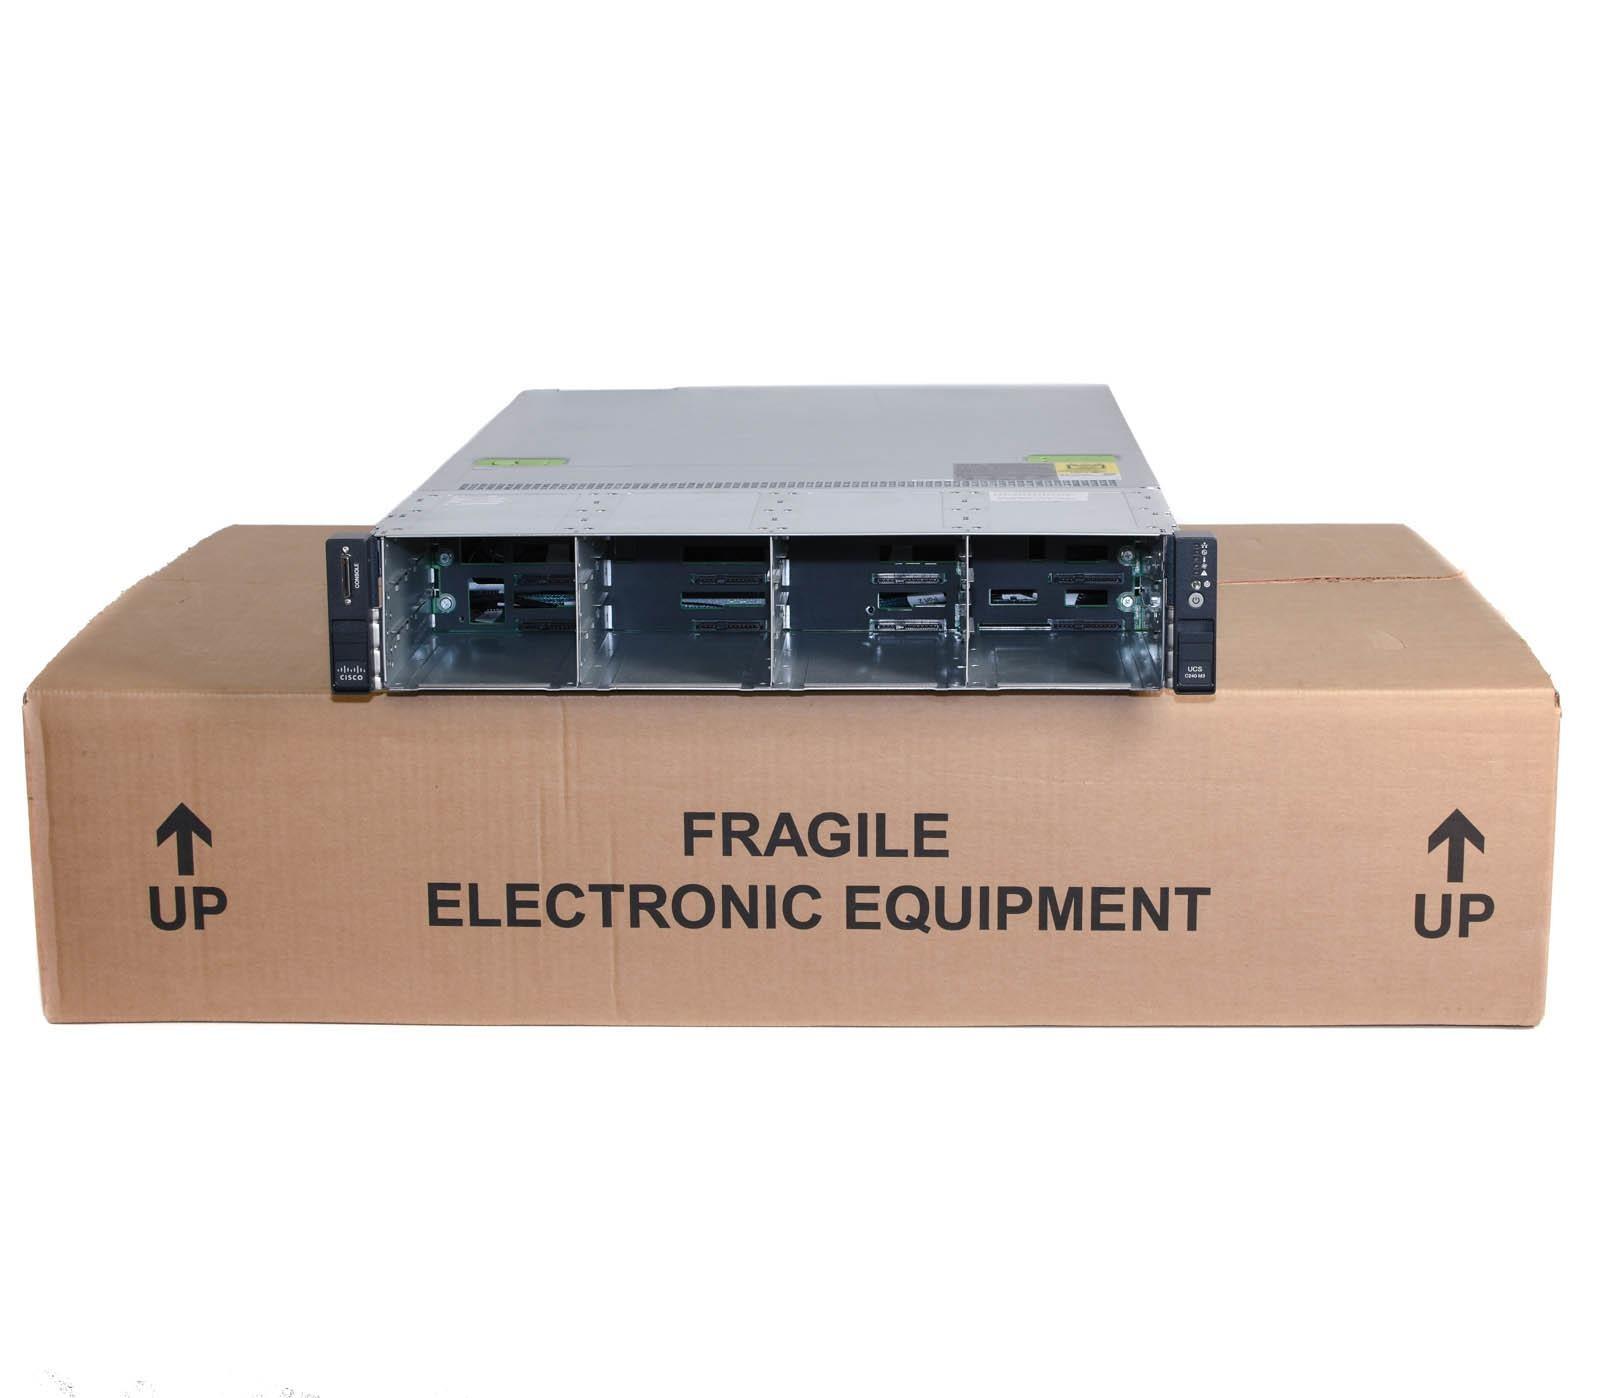 84501-UCSC-C240-M3L_37668_base